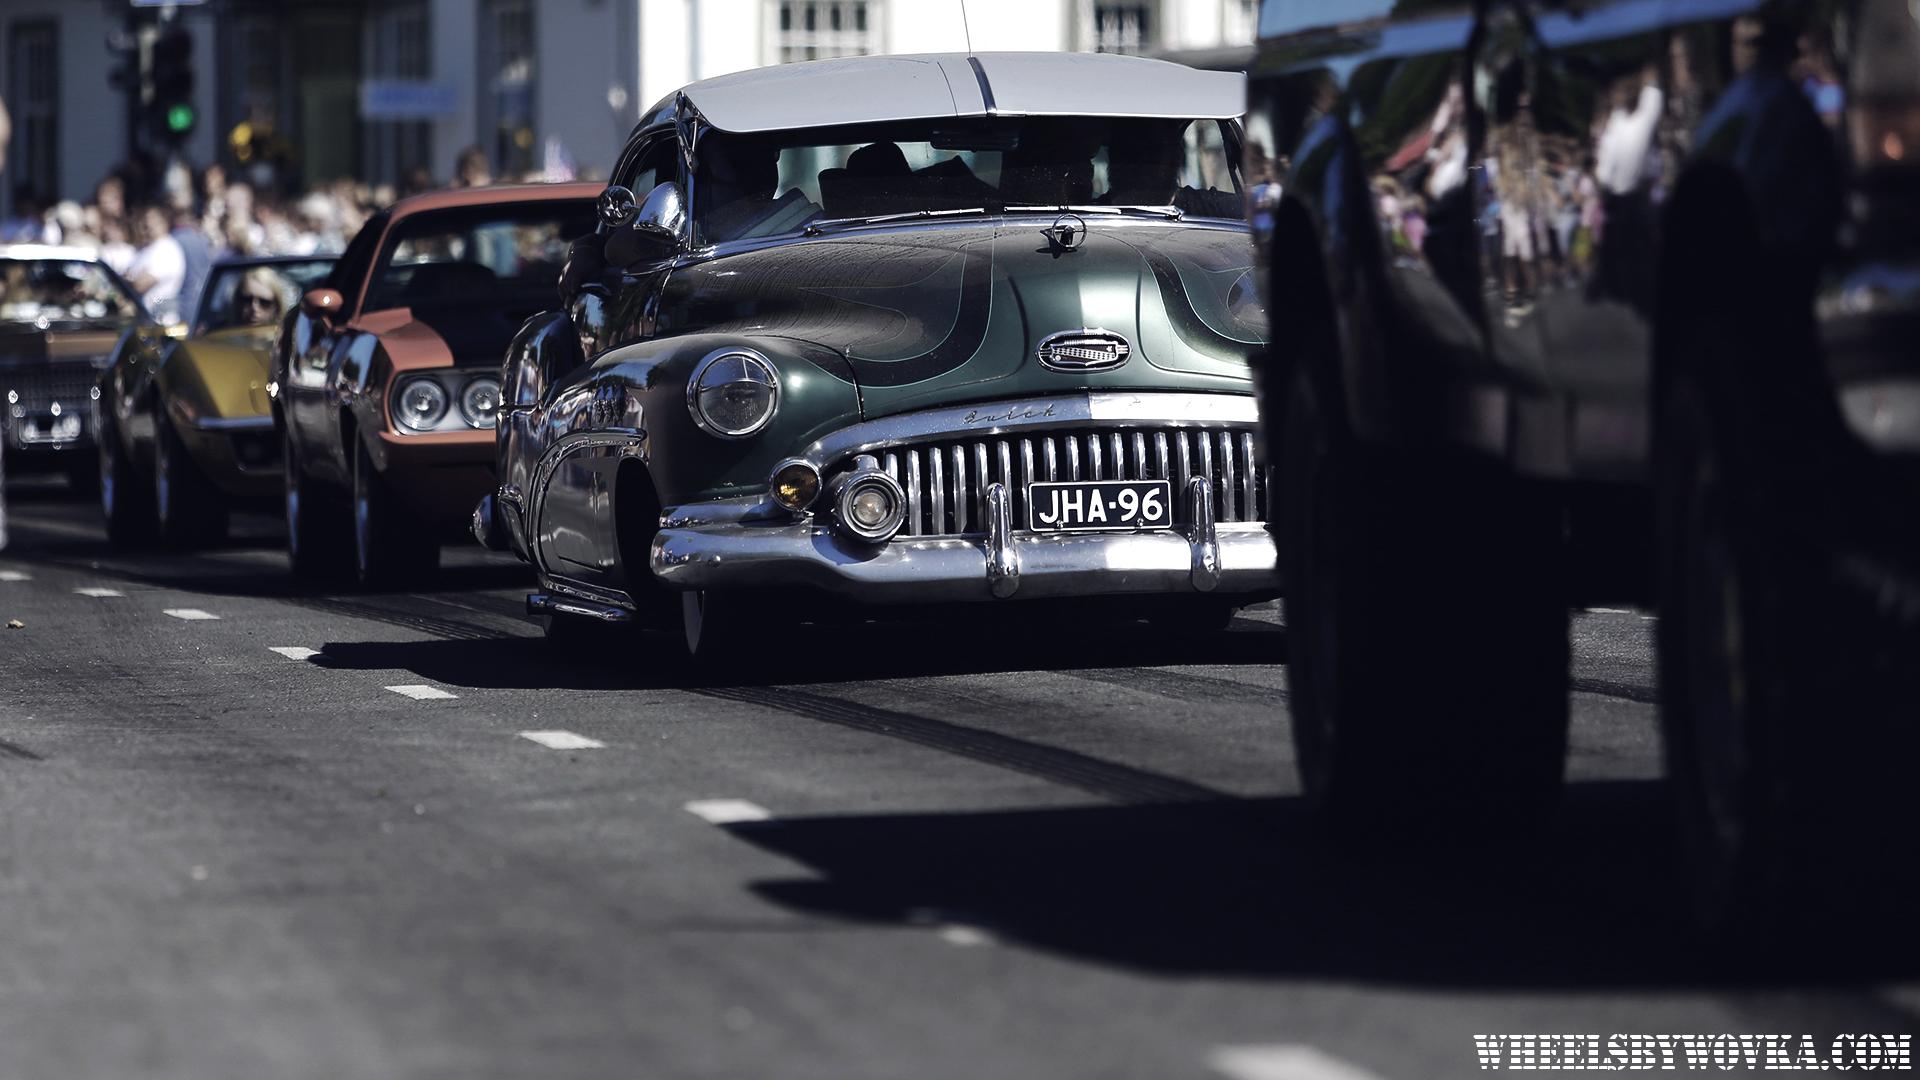 american-beauty-car-show-haapsalu-2017-by-wheelsbywovka-9